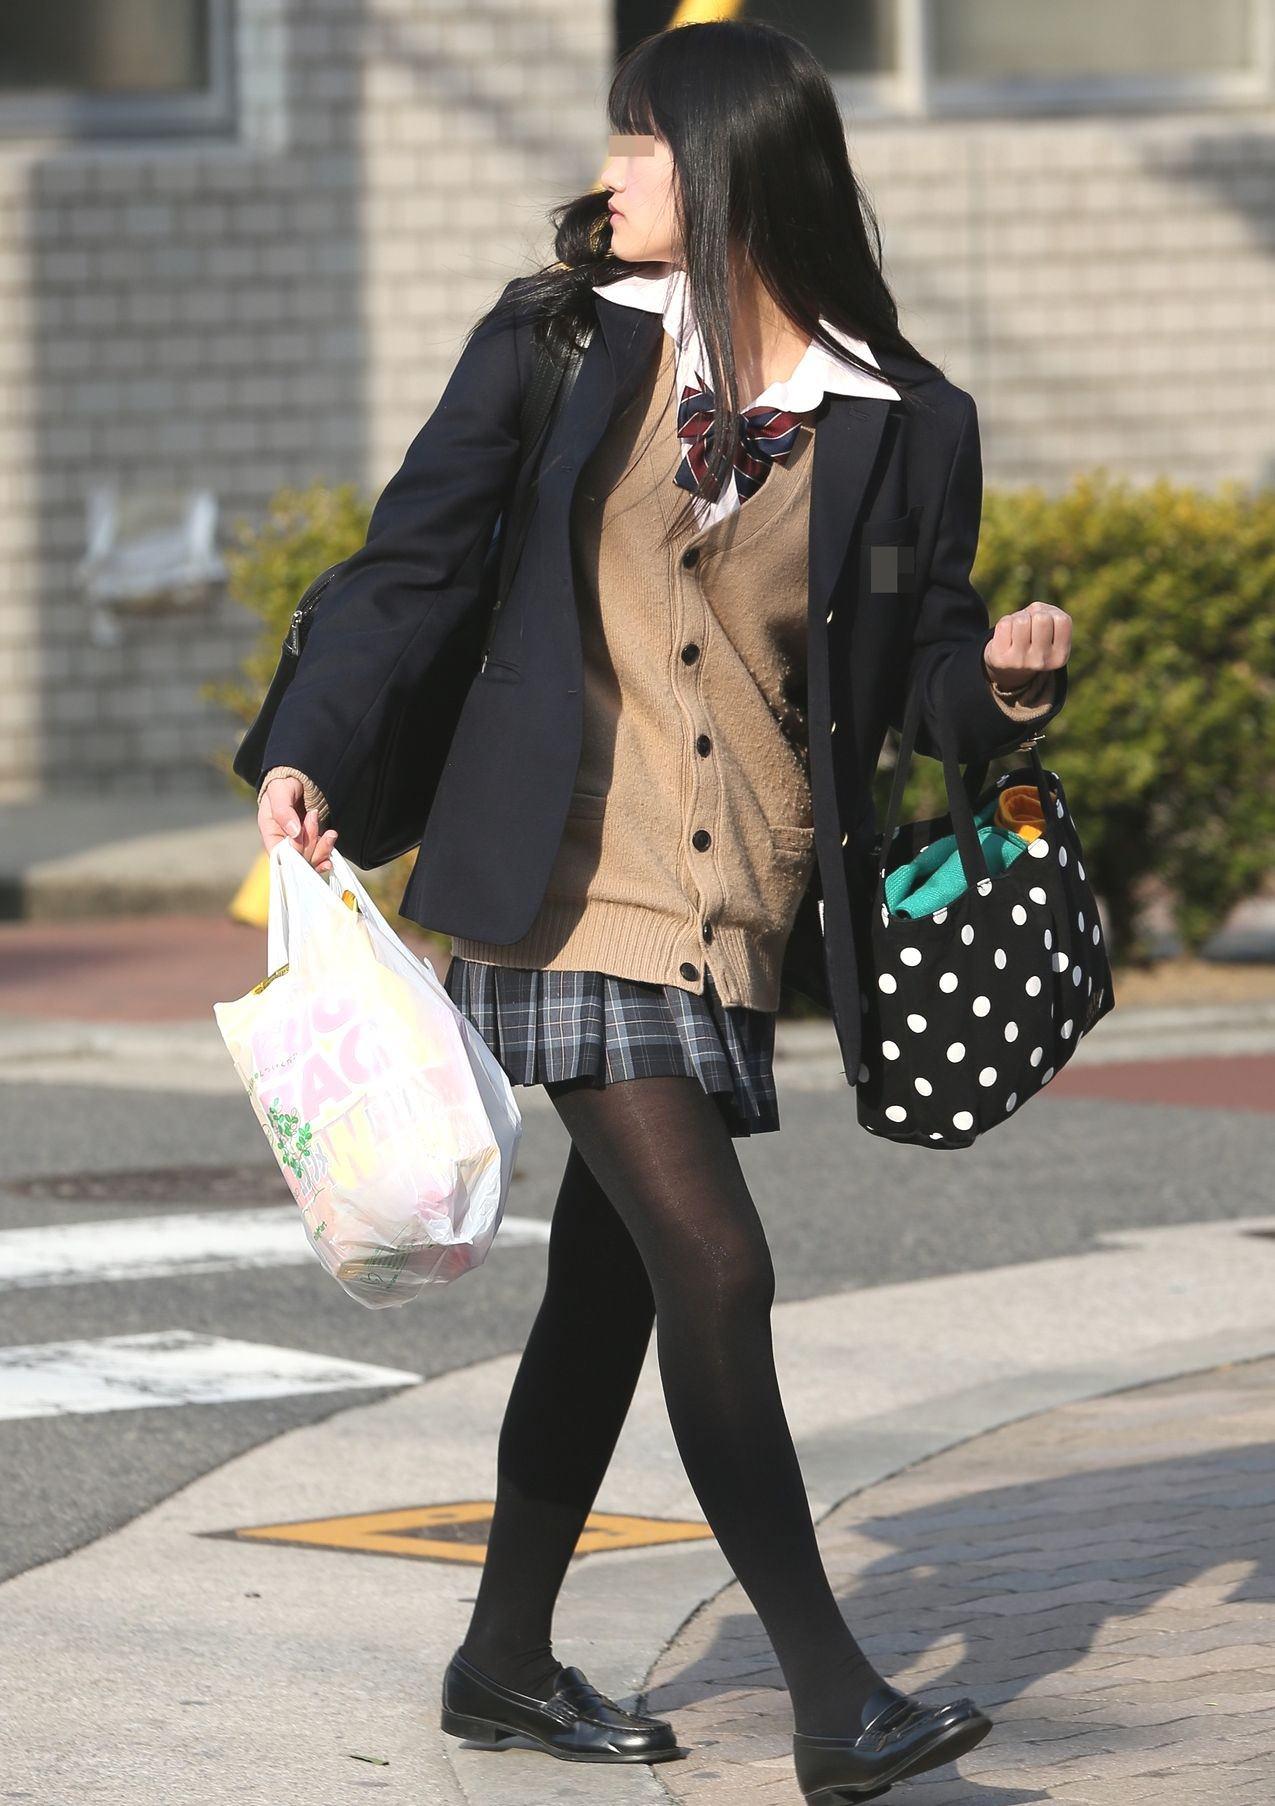 女子高生の靴下大好きソックスフェチ画像wwwwwwwwww l1a31qm